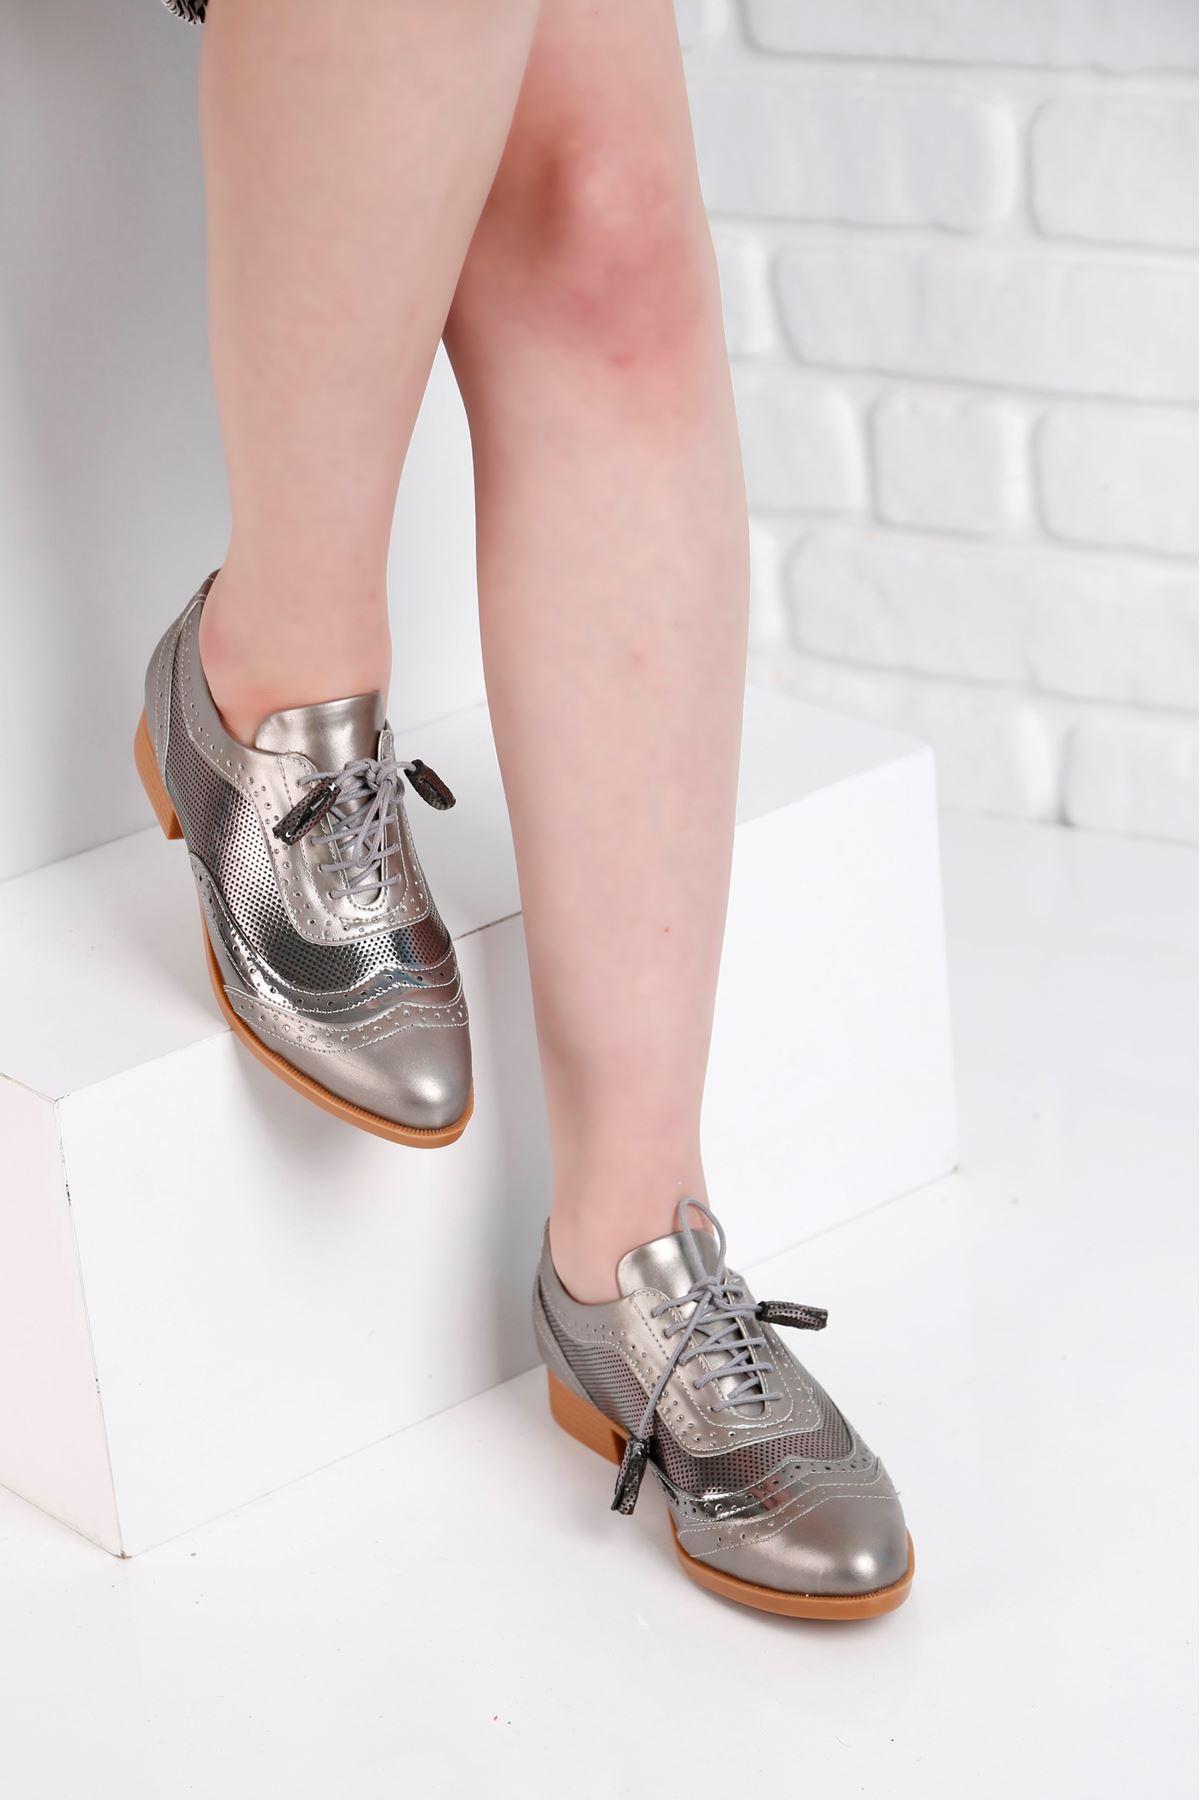 Oxford Günlük Gümüş Ayna Detay Kadın Ayakkabı